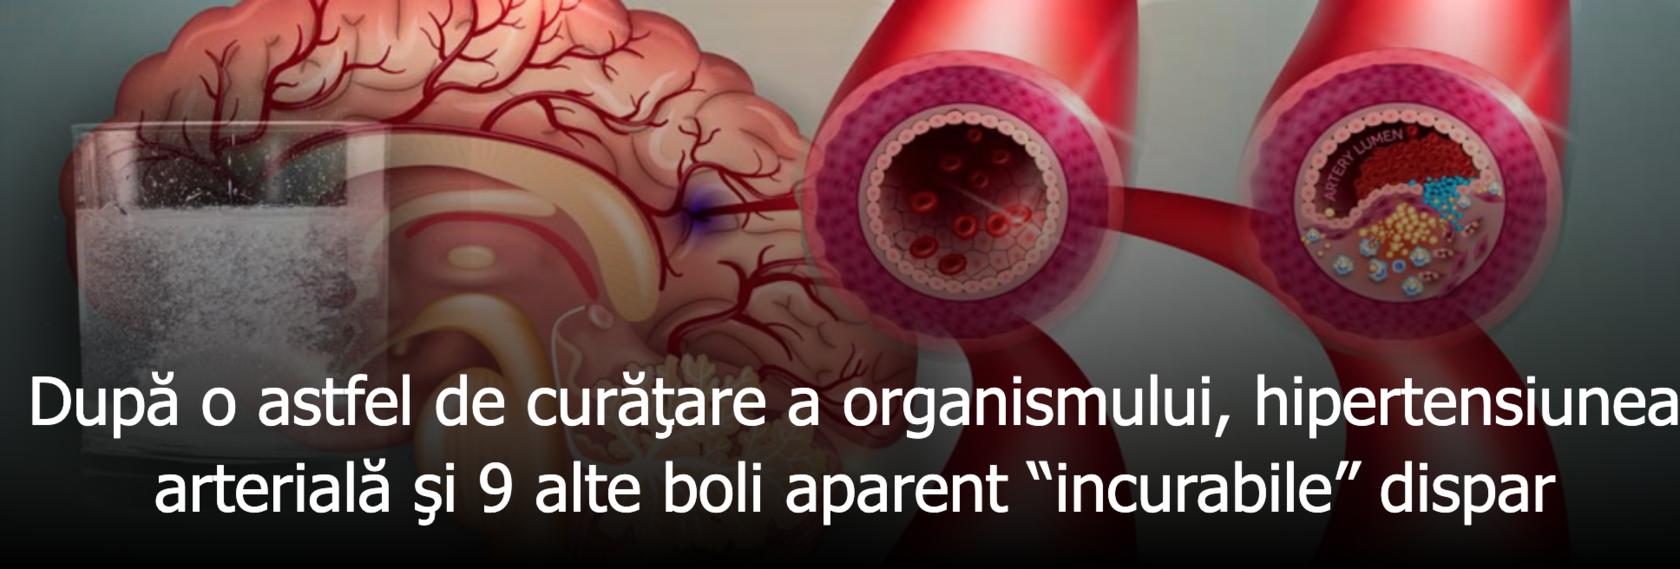 de ce venele varicoase sunt incurabile)